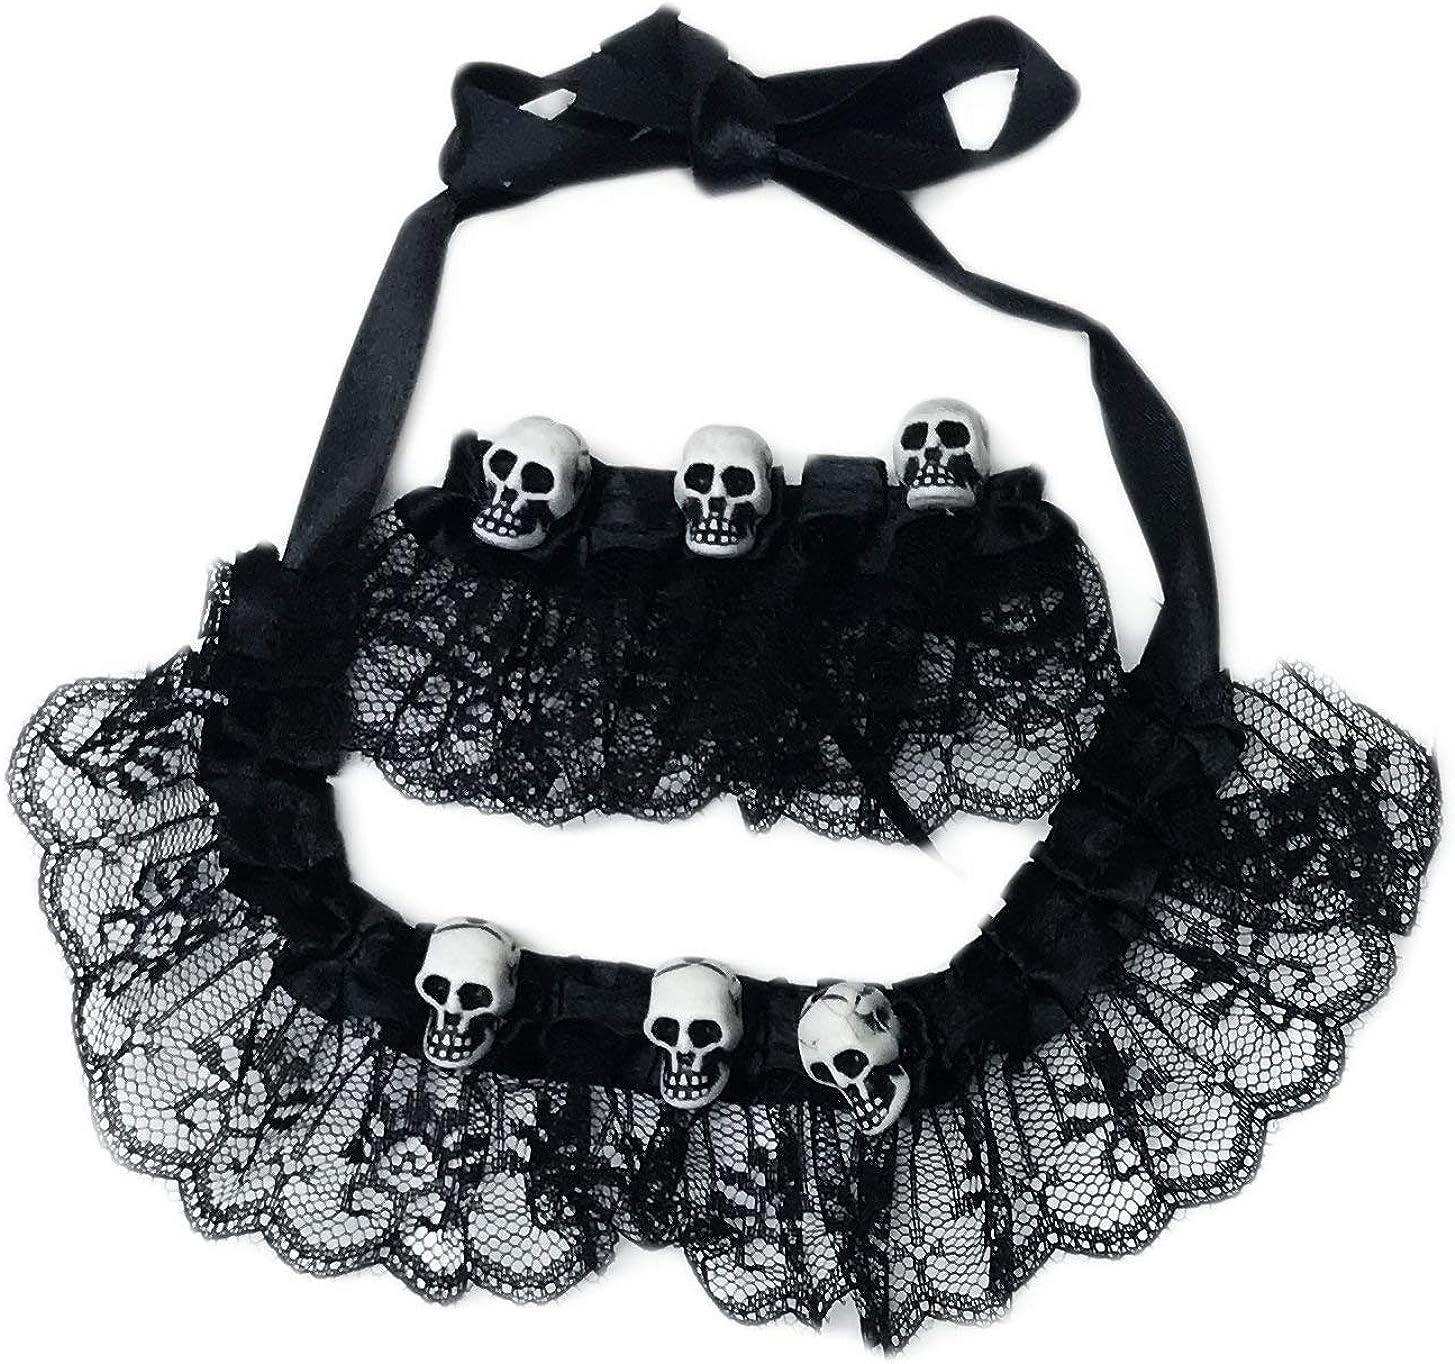 Momentum Brands Halloween Chocker Necklace